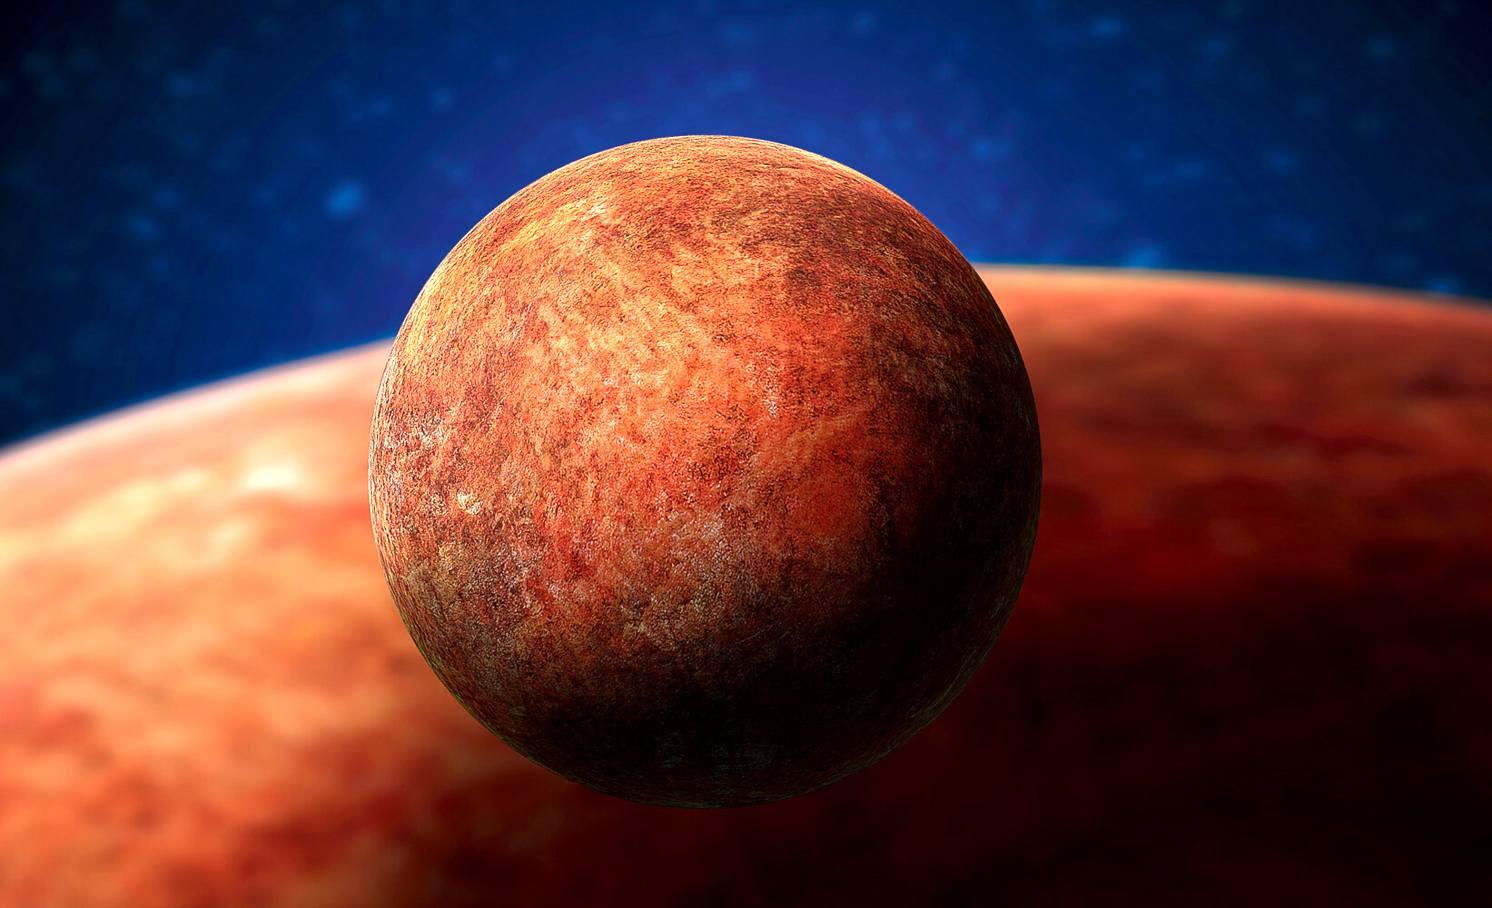 смотреть фото планета меркурий того, как кот